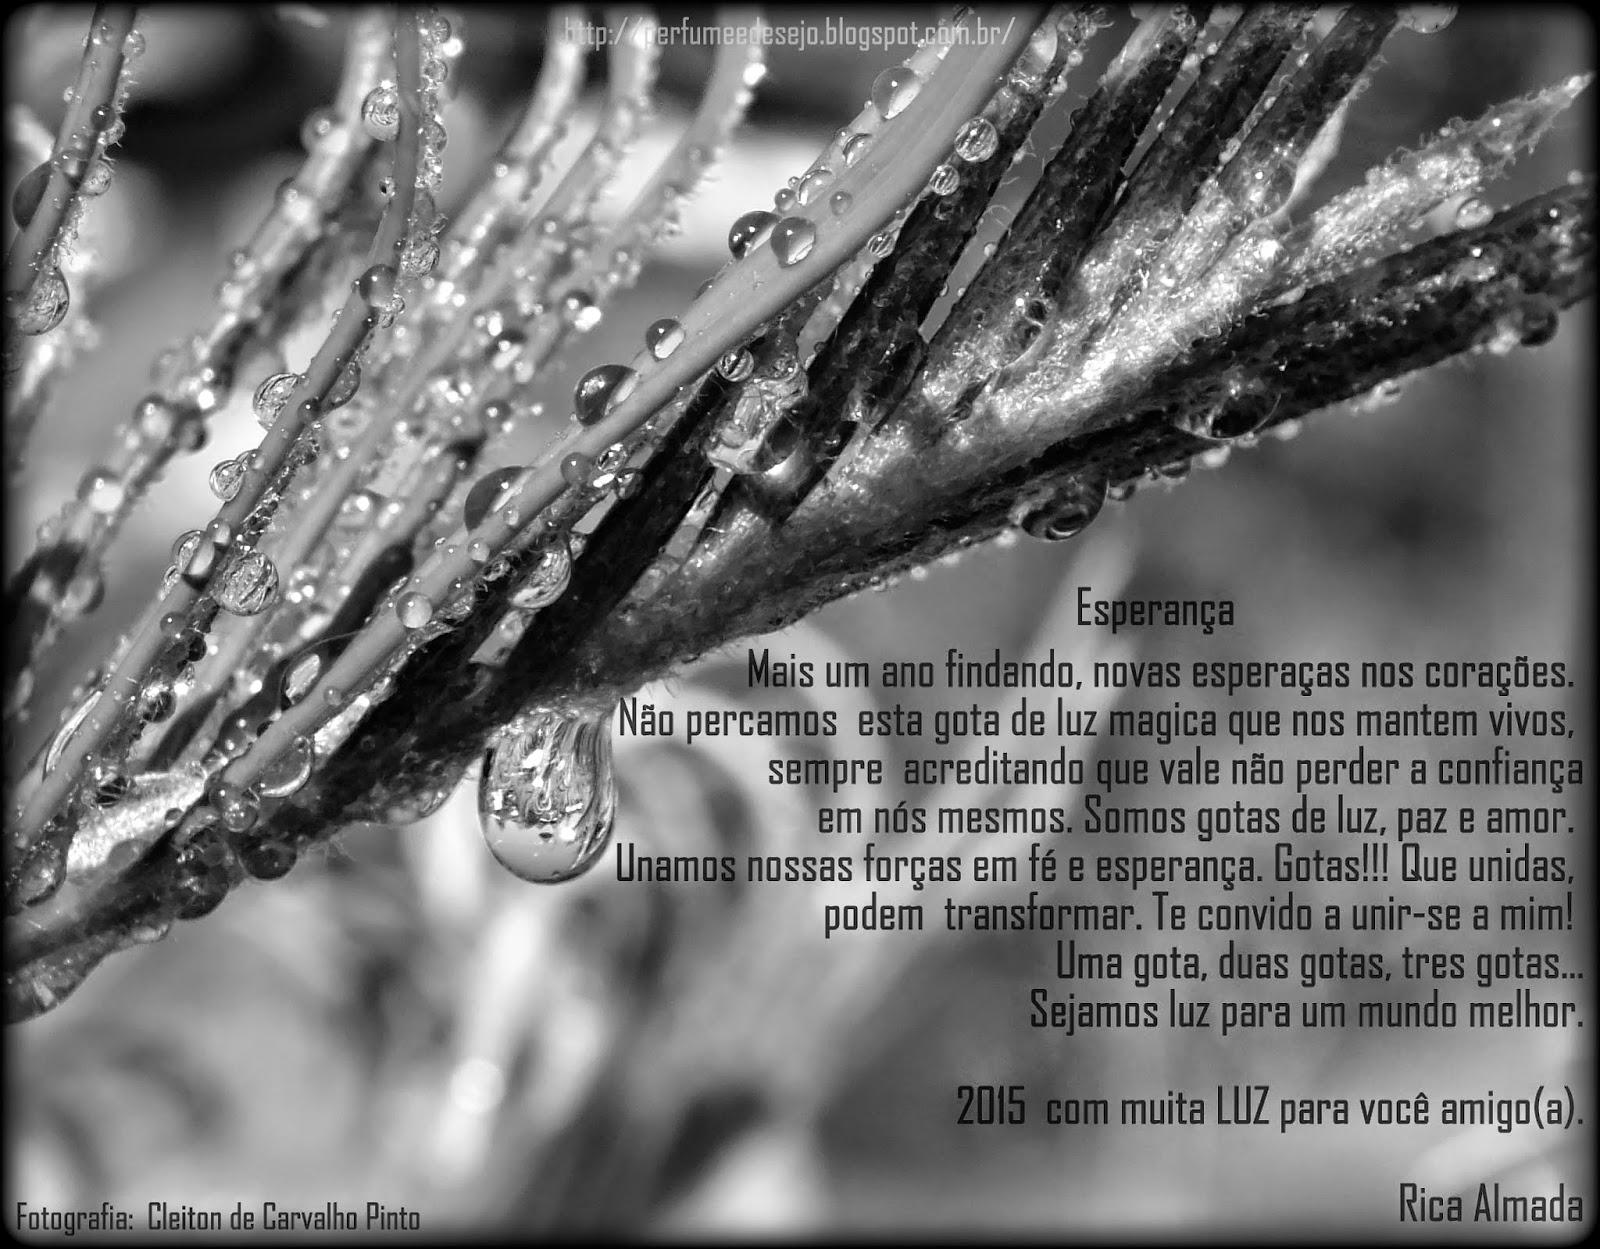 http://perfumeedesejo.blogspot.com/2014/12/esperanca.html *(Fotofrafia - Cleiton de Carvalho Pinto -  Texto nº. 75 - Esperança - Rica Almada)* Direitos Autorais protegidos pela Lei 9.610 de 19/02/98